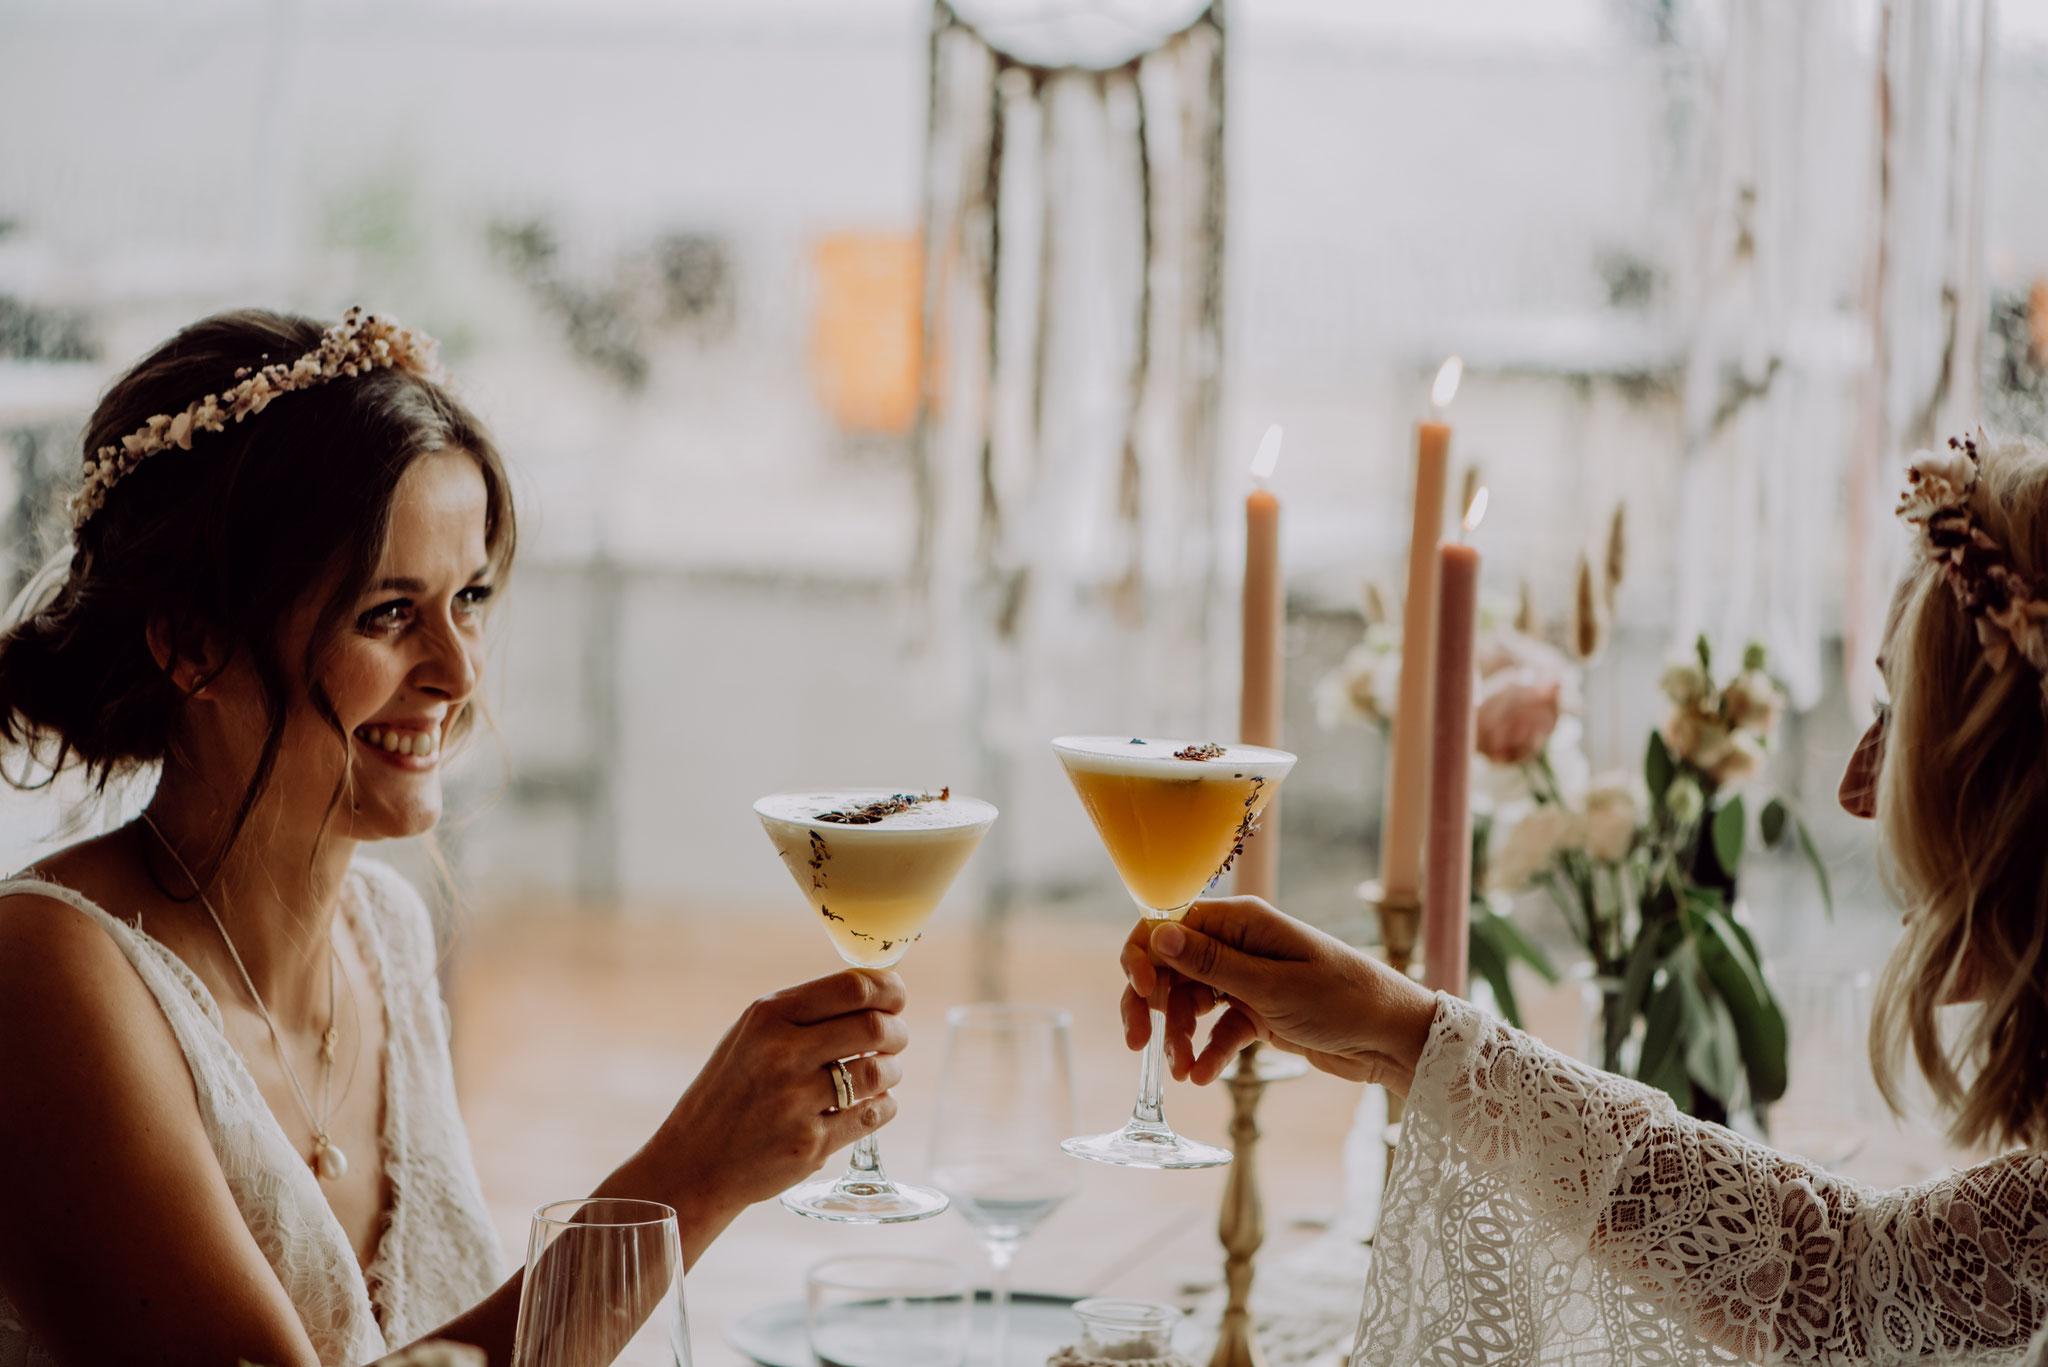 Signature Cocktails eignen sich ebenfalls für das Begießen (Foto: Landei Fotografie)